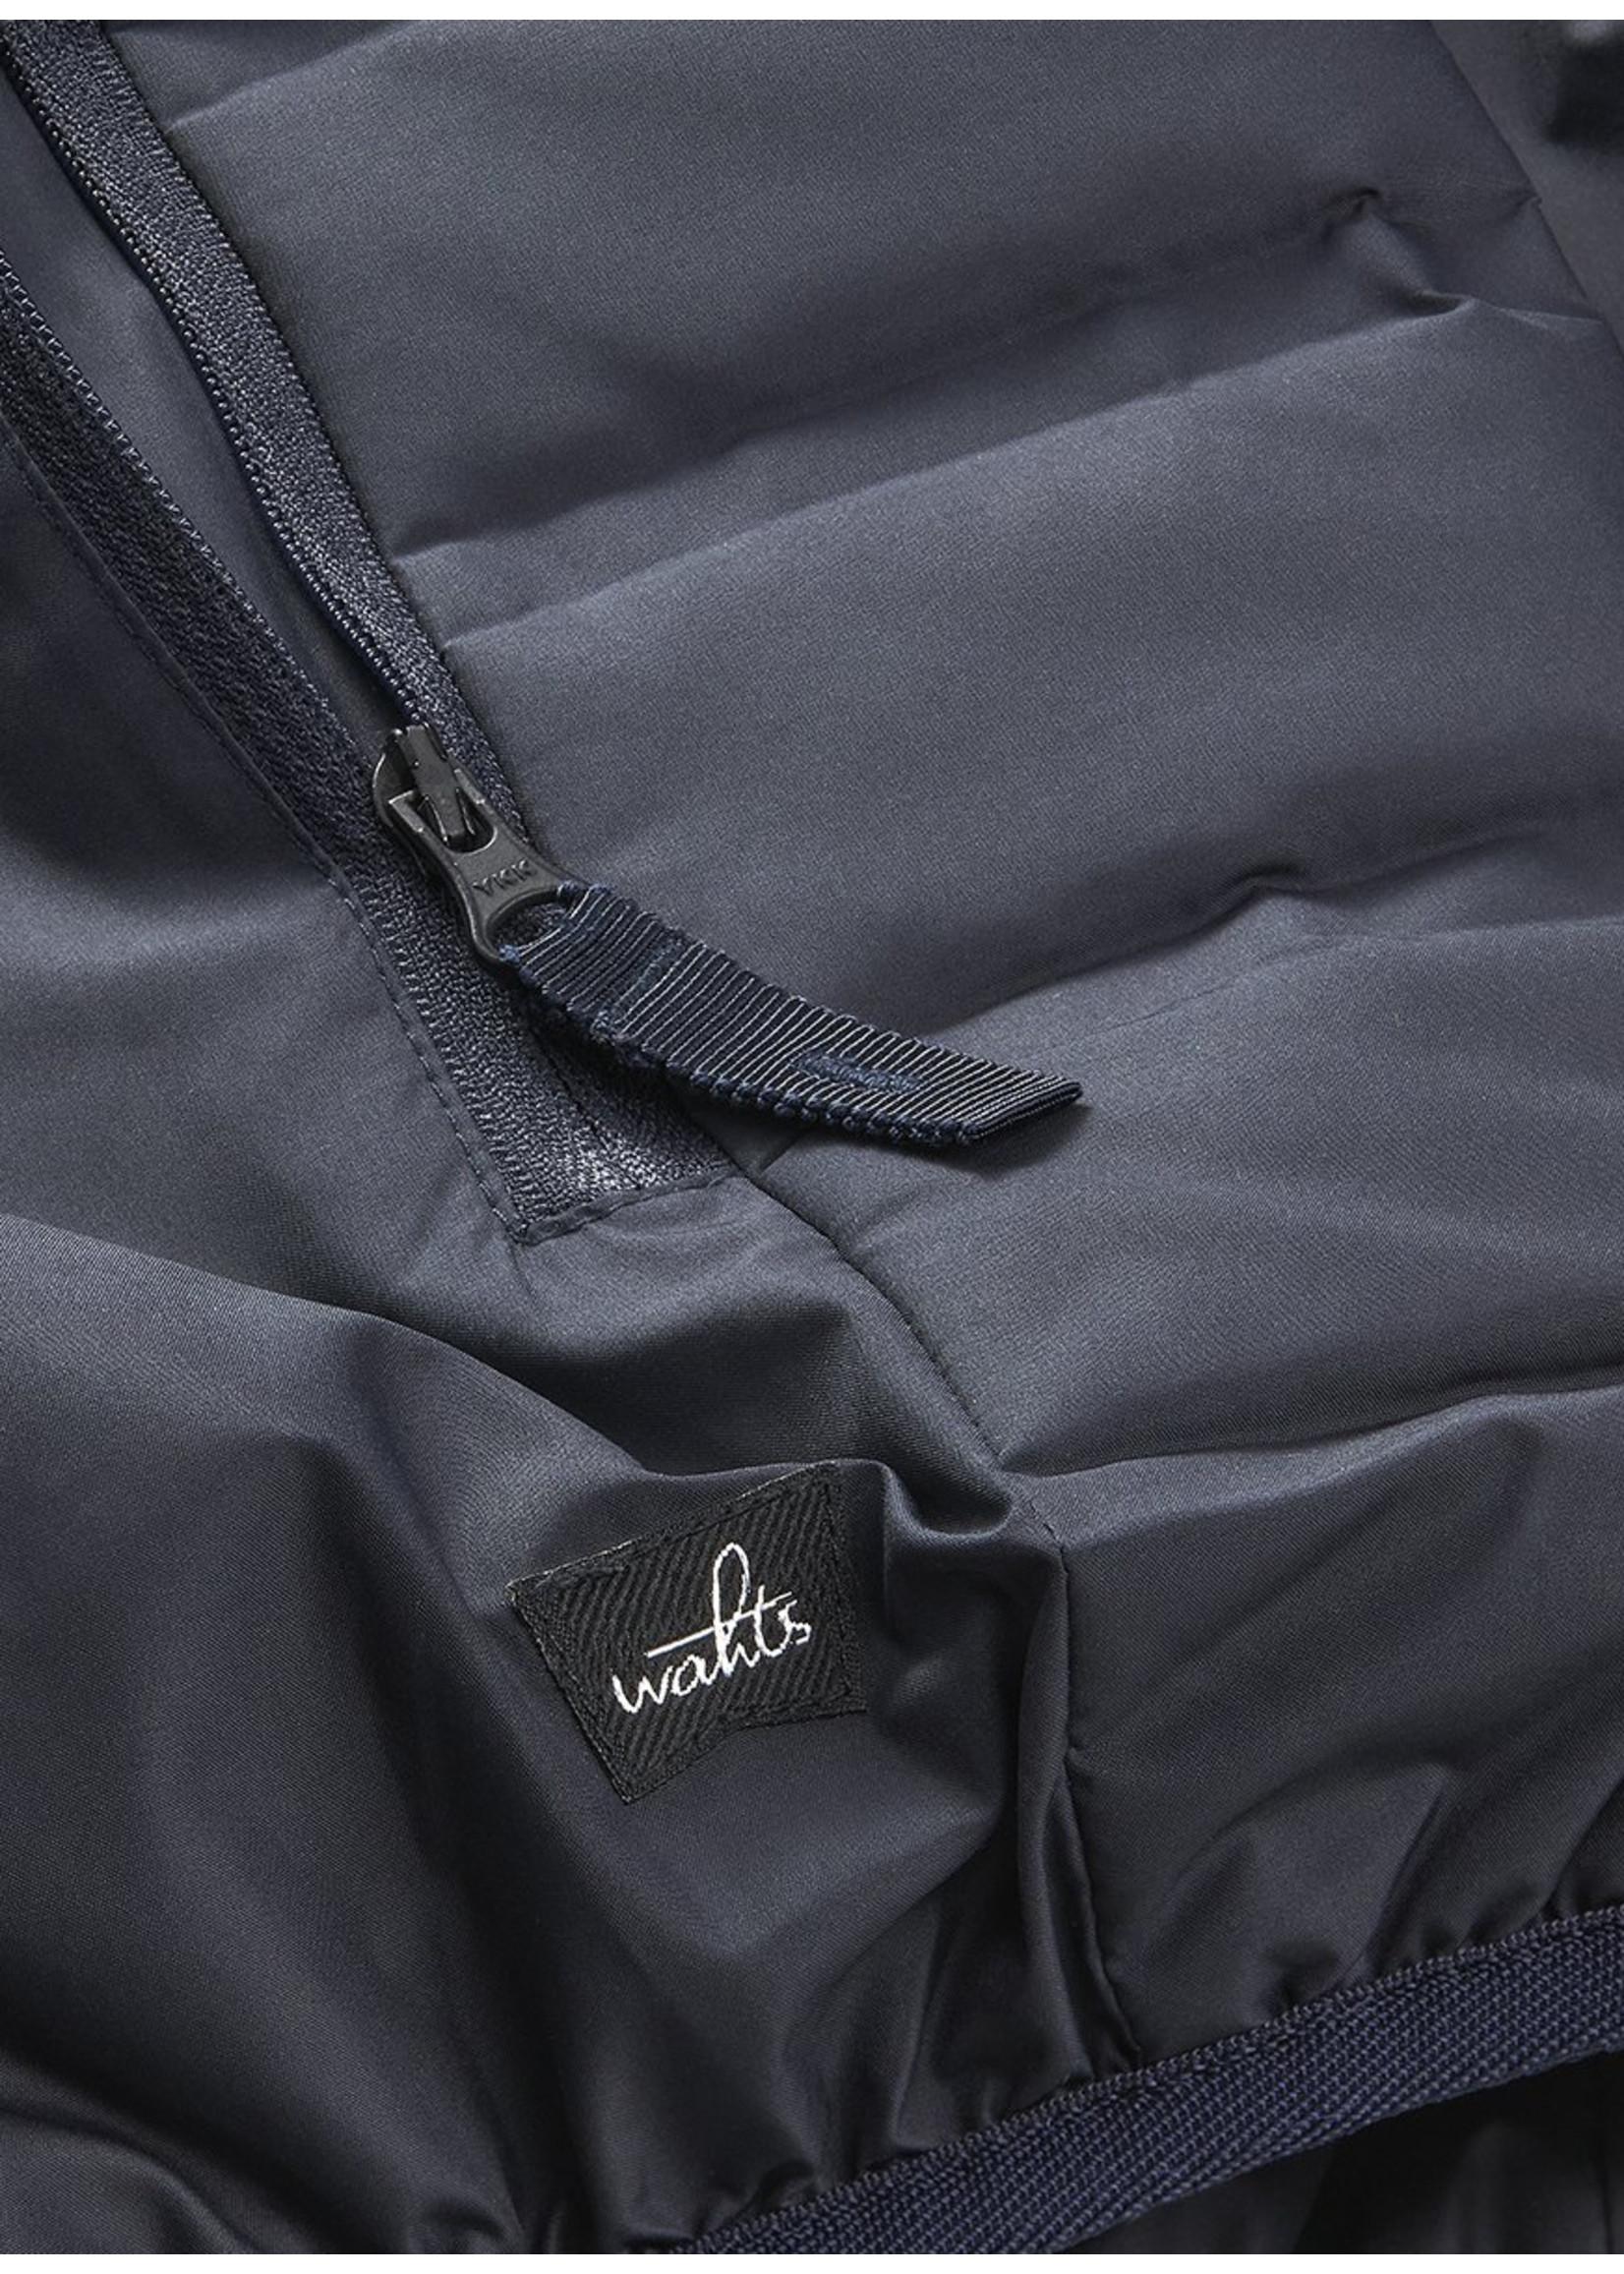 Wahts Johnson Padded Jacket Dark Navy